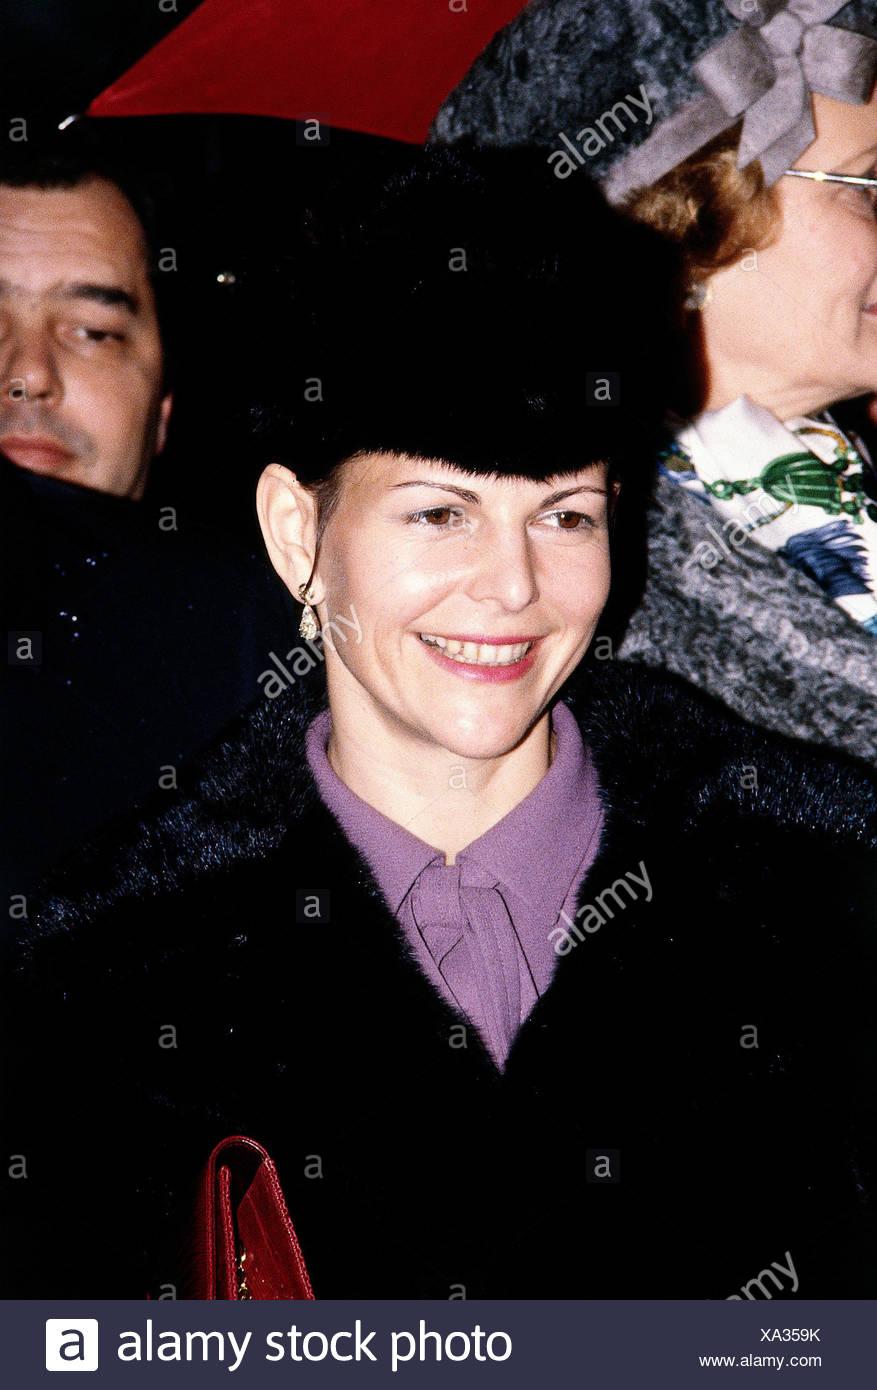 Silvia, * 23.12.1943, Queen consort of Sweden, portrait, 1980s, fur hat, smiling, - Stock Image